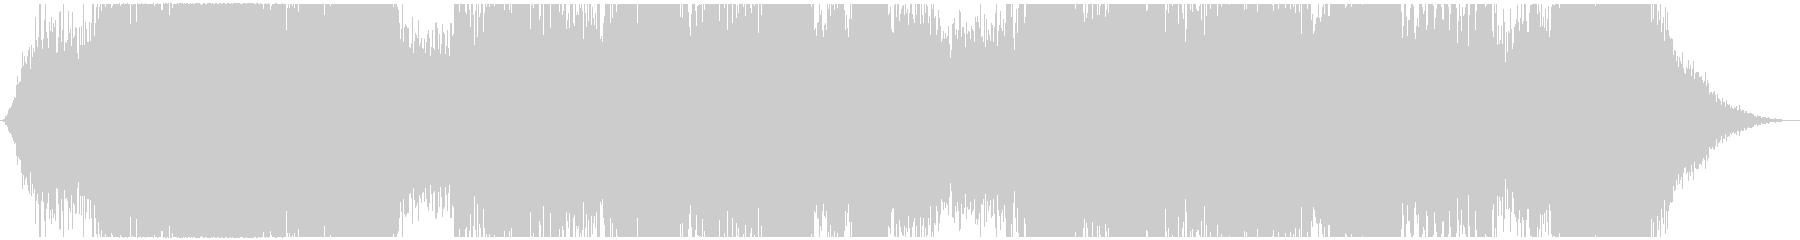 ドローン ムービングエアロー02の未再生の波形